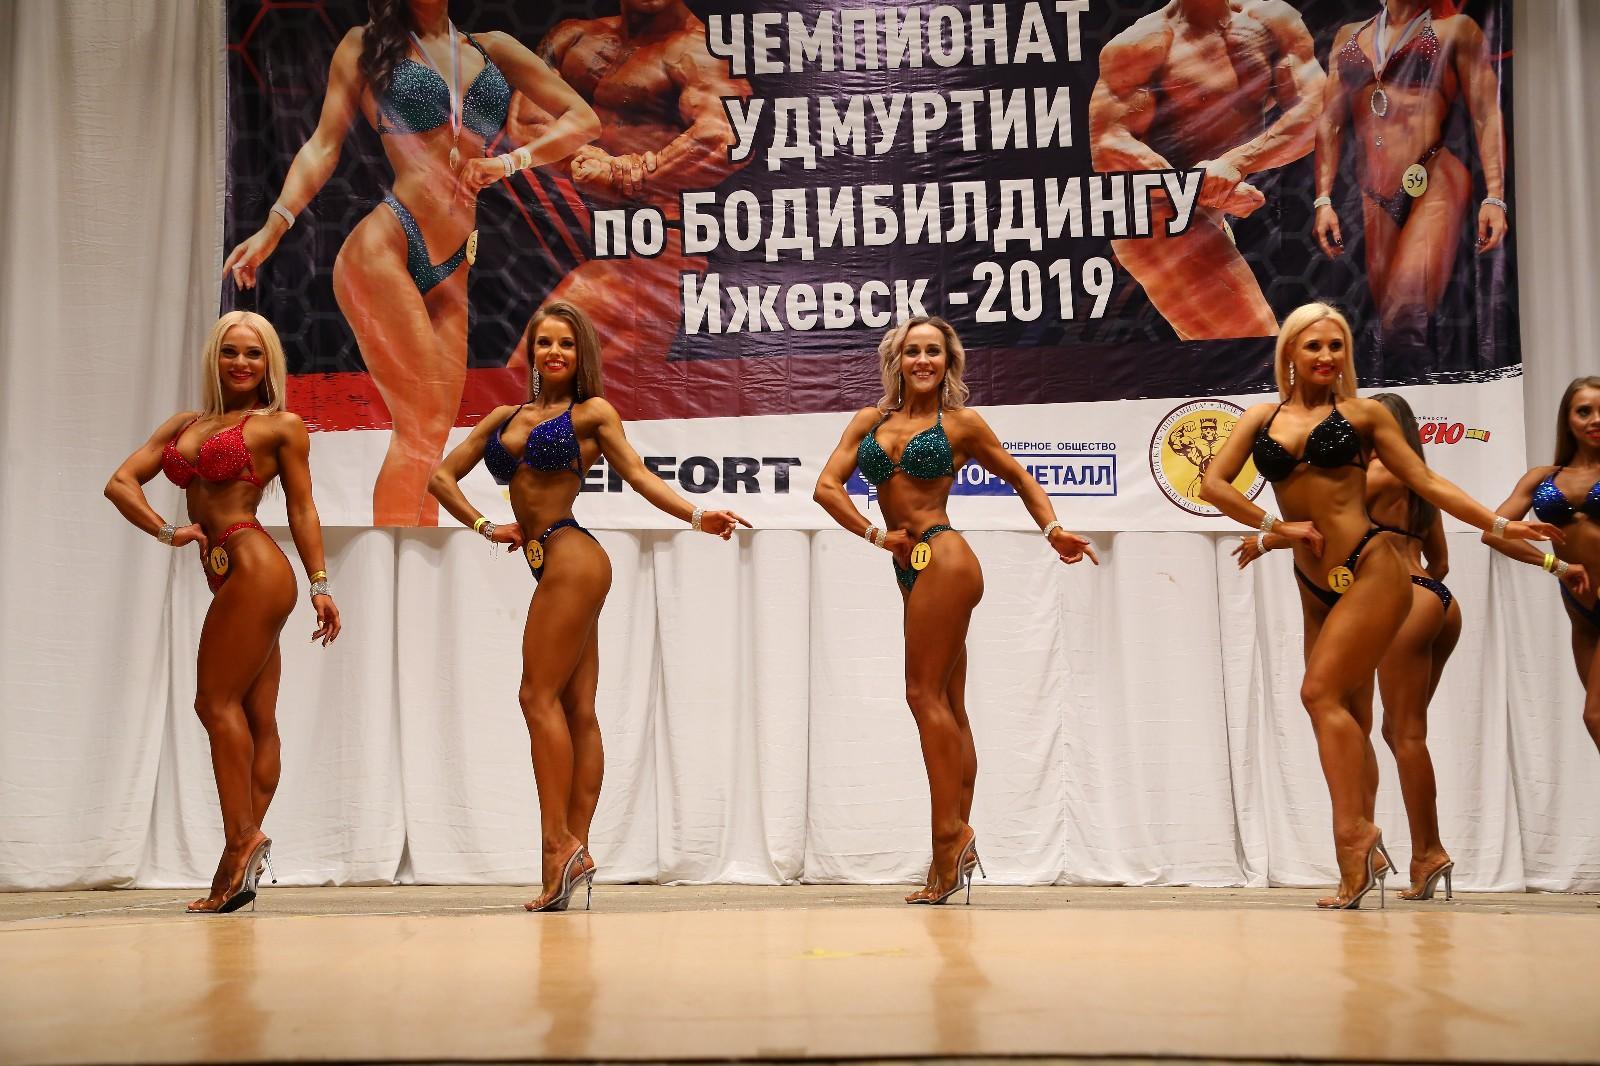 Чемпионат Республики Удмуртия по бодибилдингу - 2019